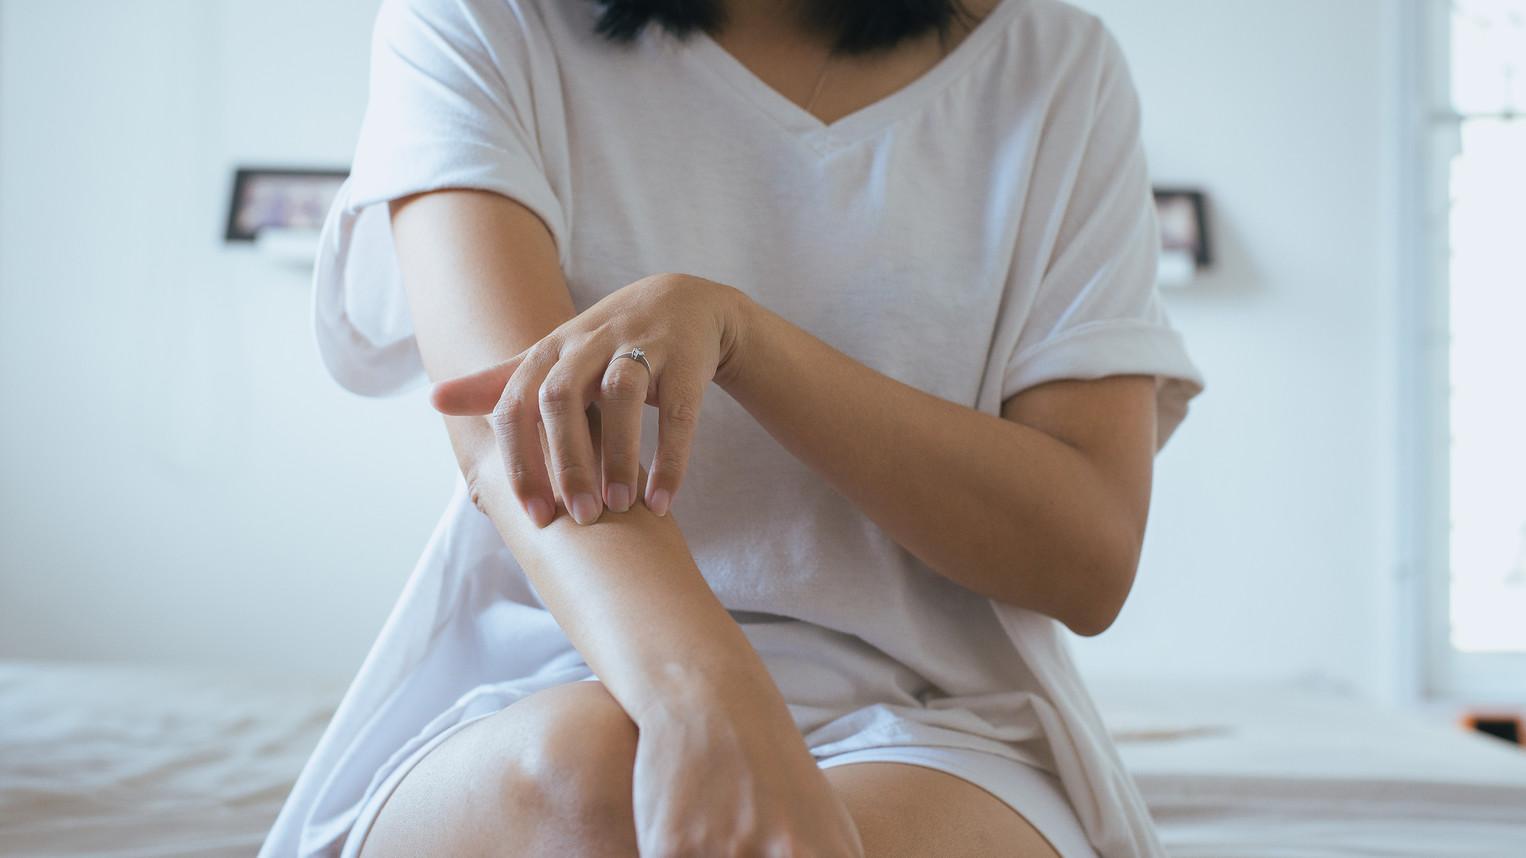 Solidol ízületi kezelésre. Az ízületi fájdalom tünetei, okai és kezelései